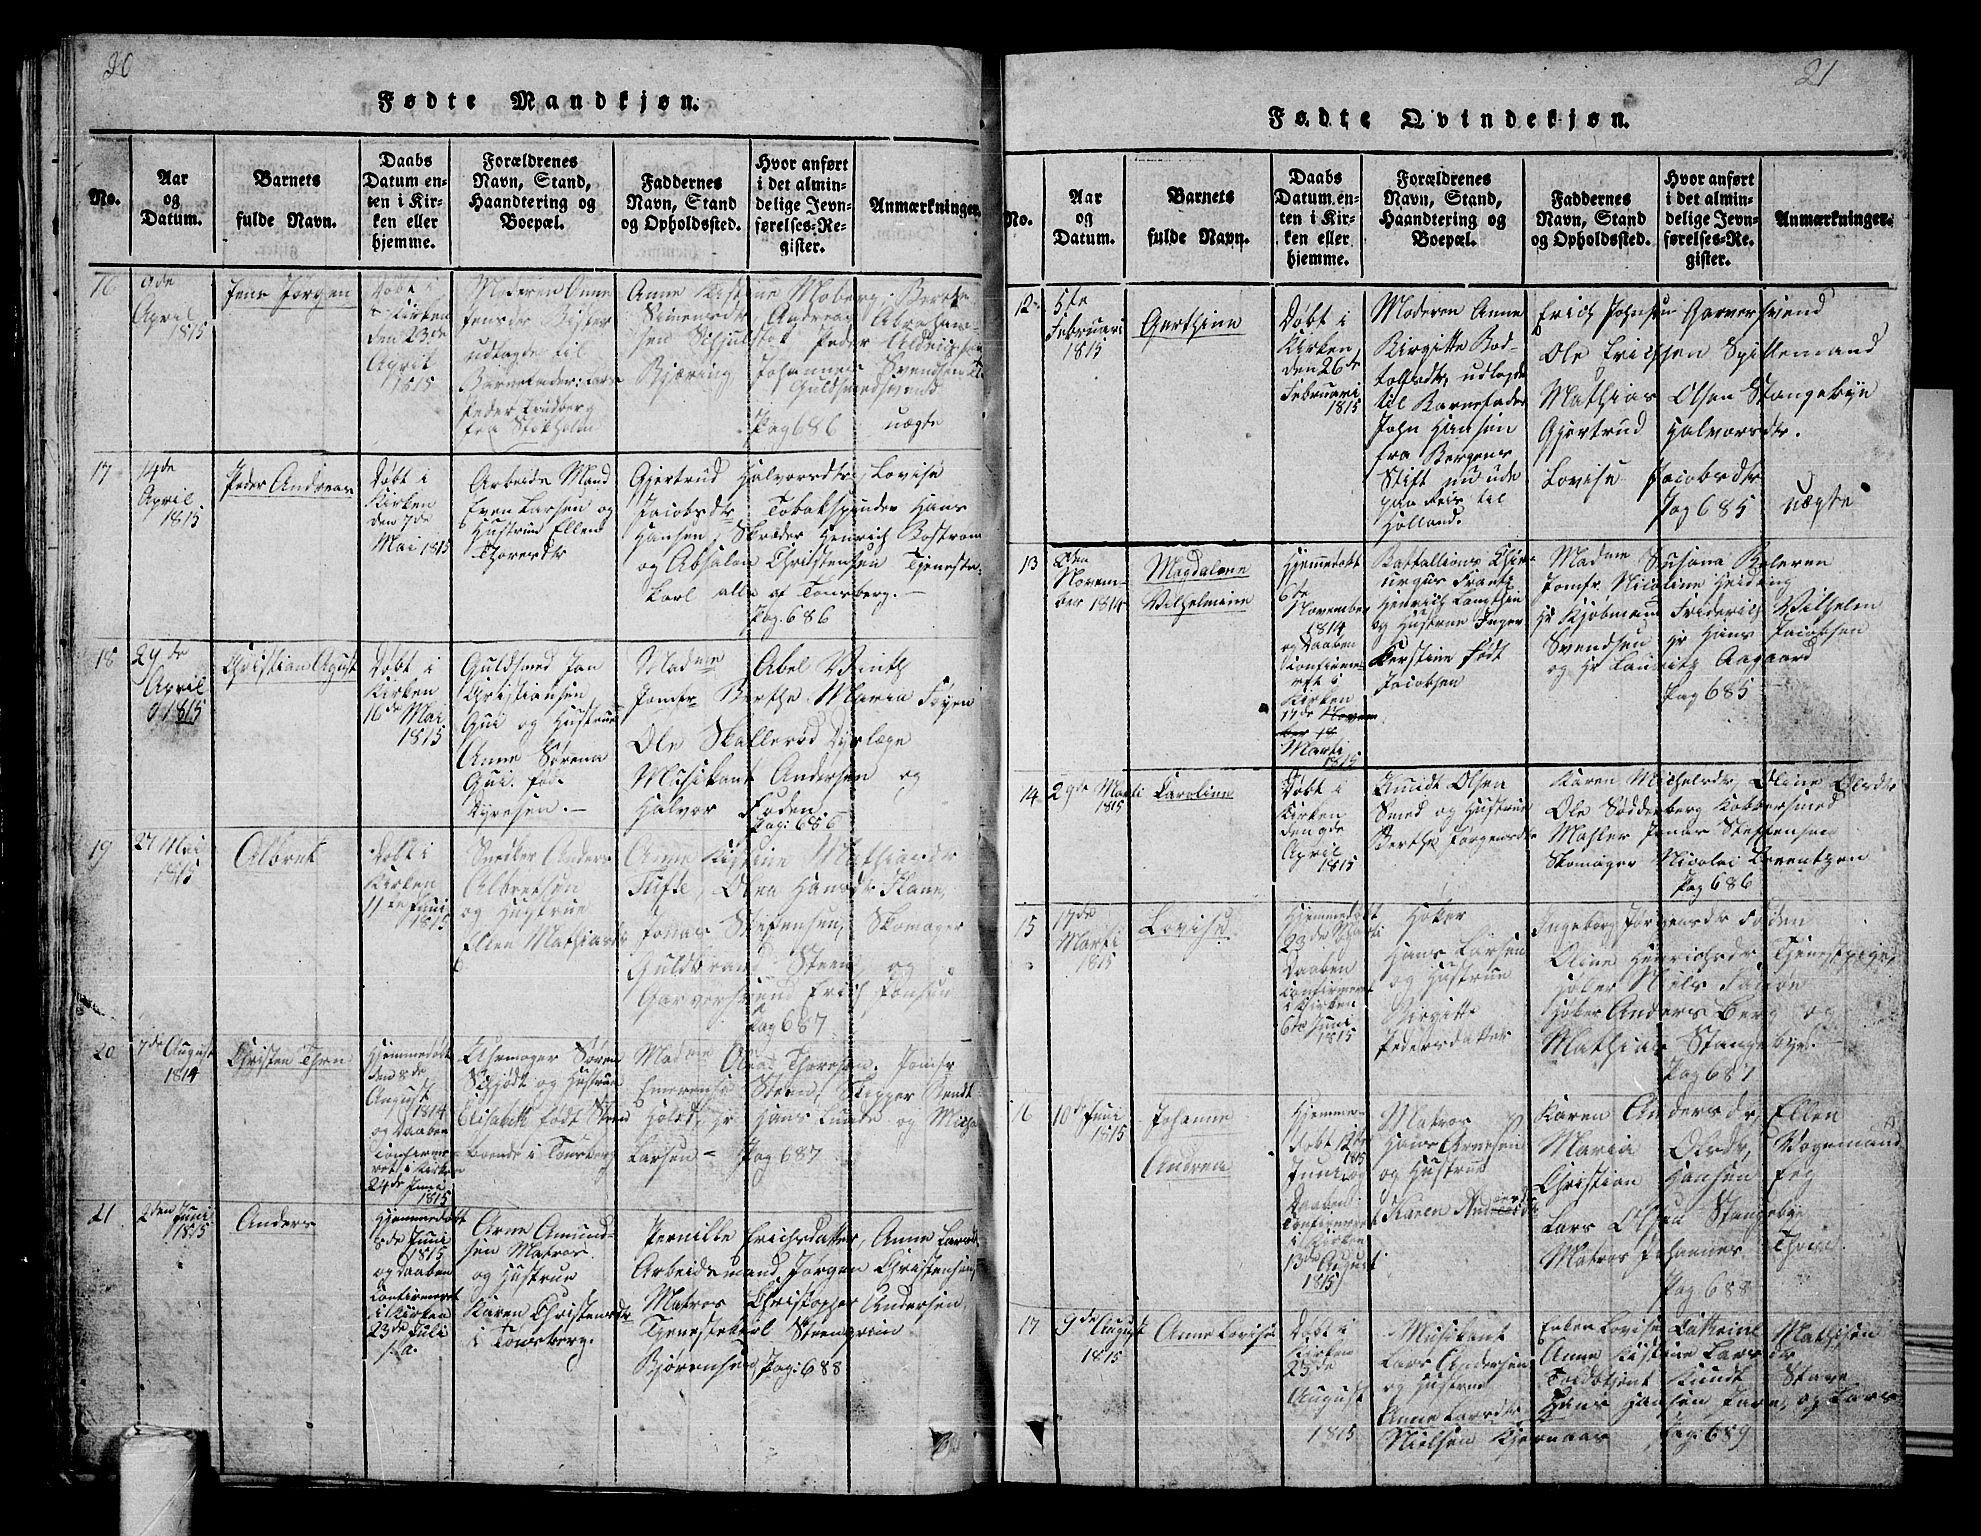 SAKO, Tønsberg kirkebøker, G/Ga/L0001: Klokkerbok nr. 1, 1813-1826, s. 20-21